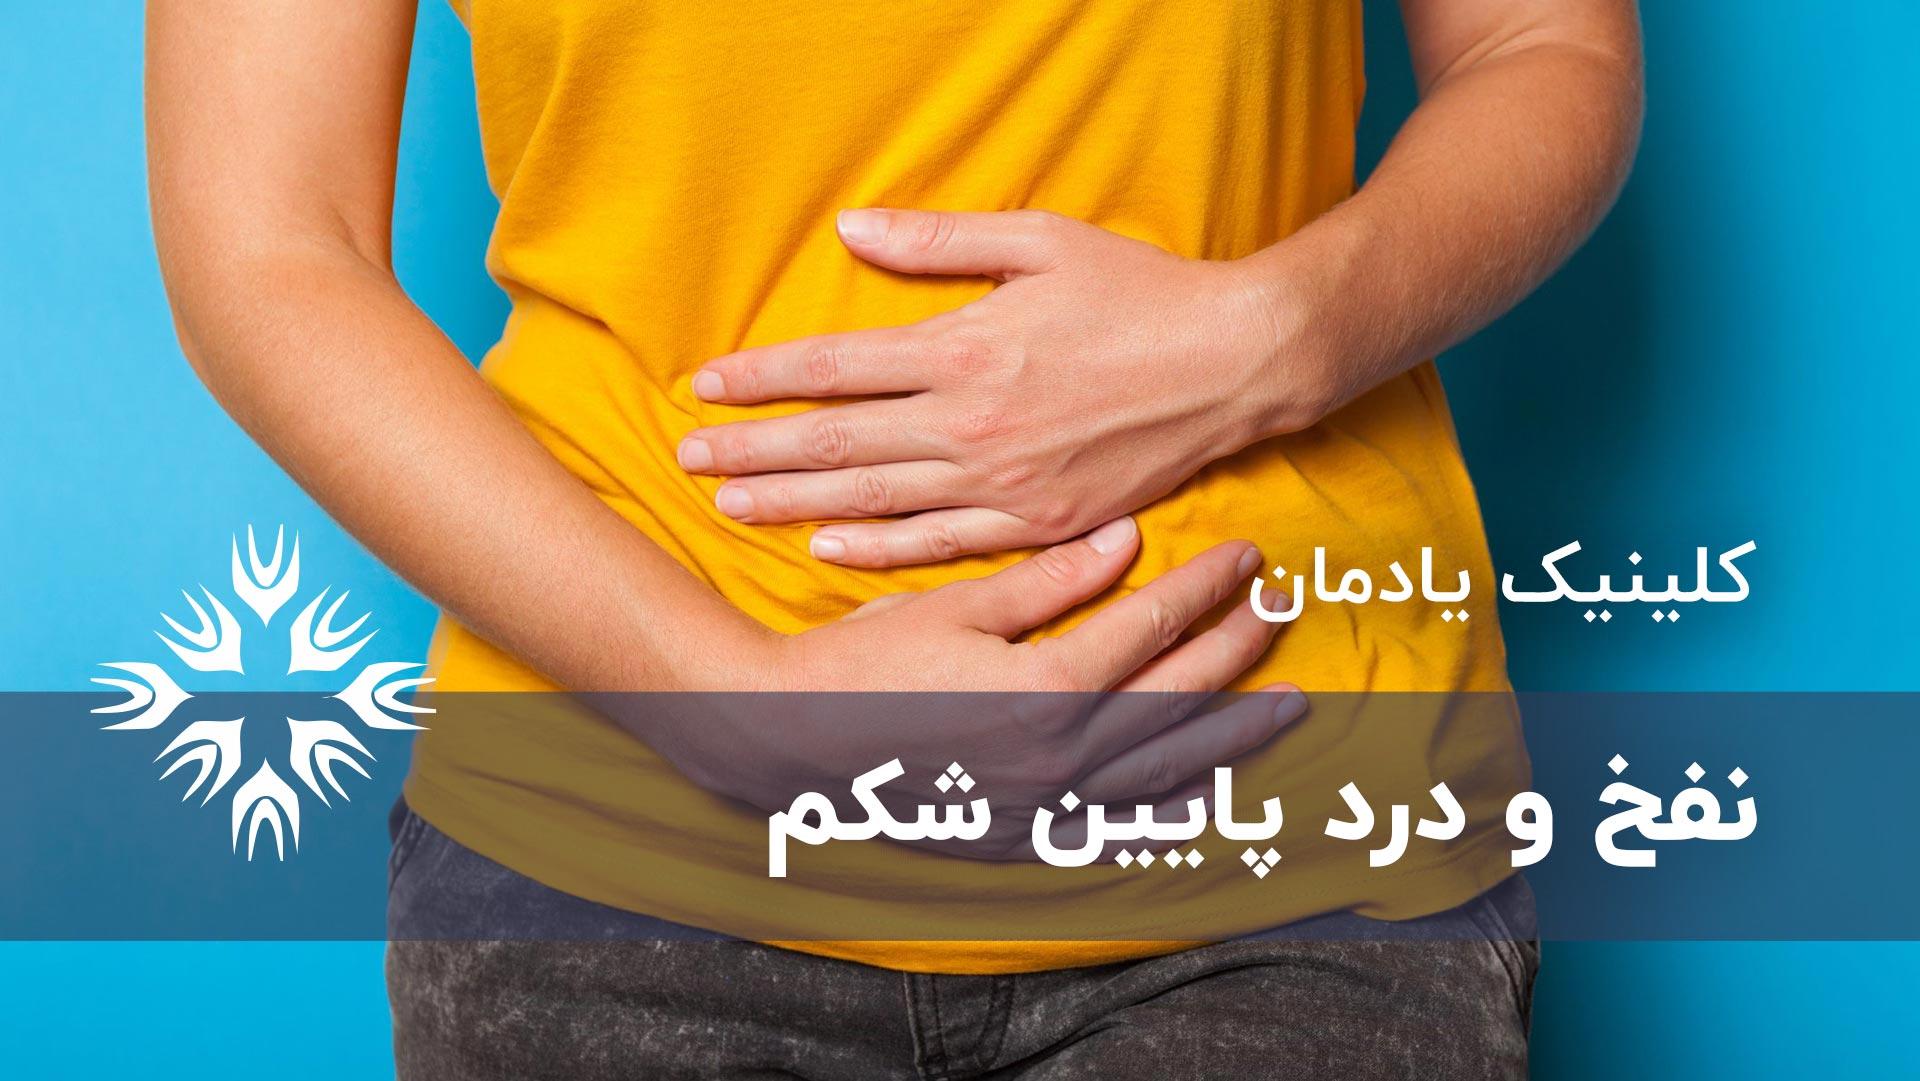 نفخ و درد پایین شکم